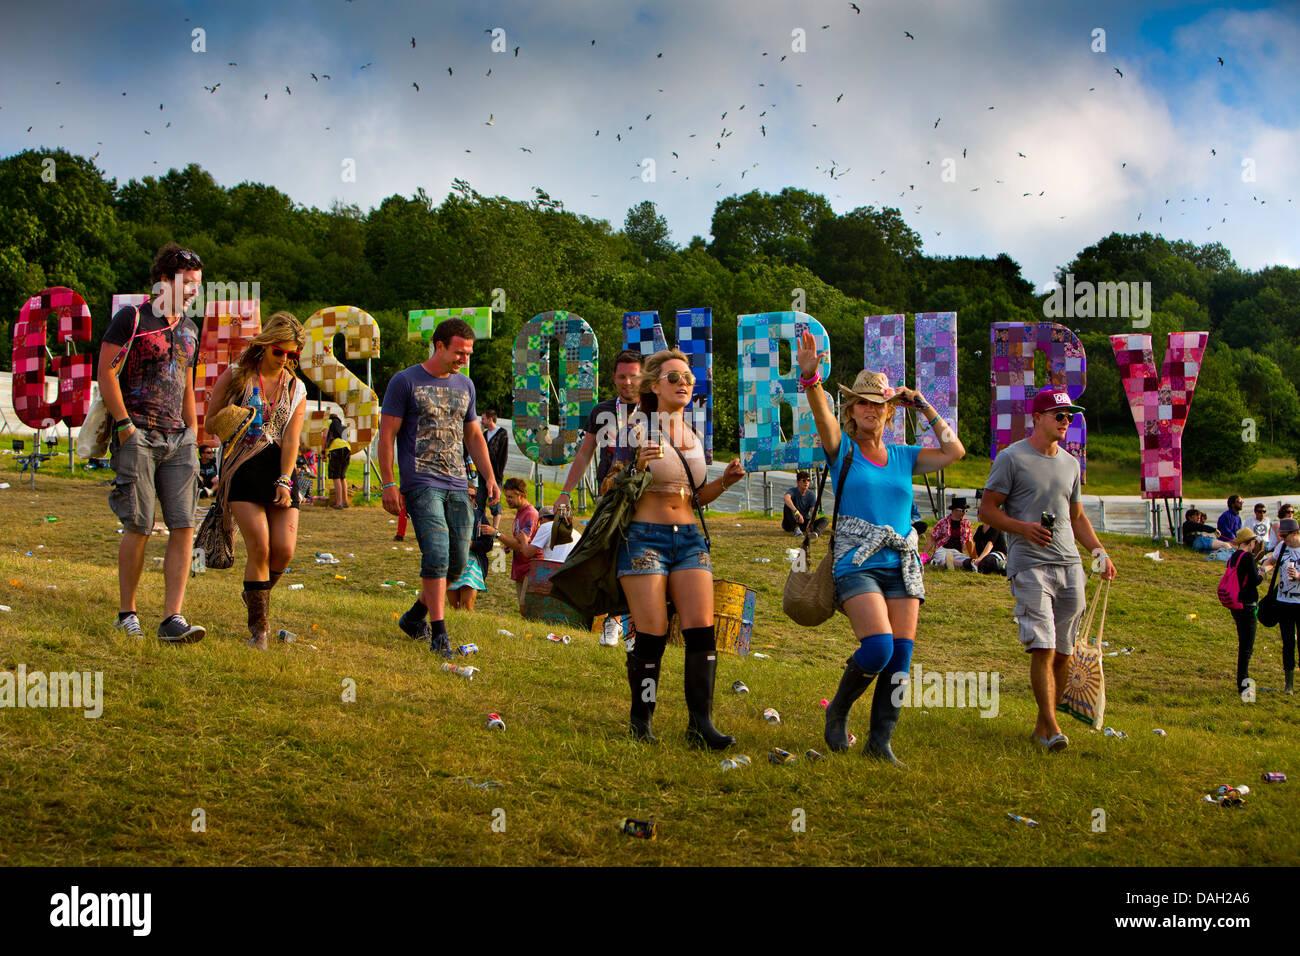 Glastonbury Festival, Somerset, England, UK - Stock Image